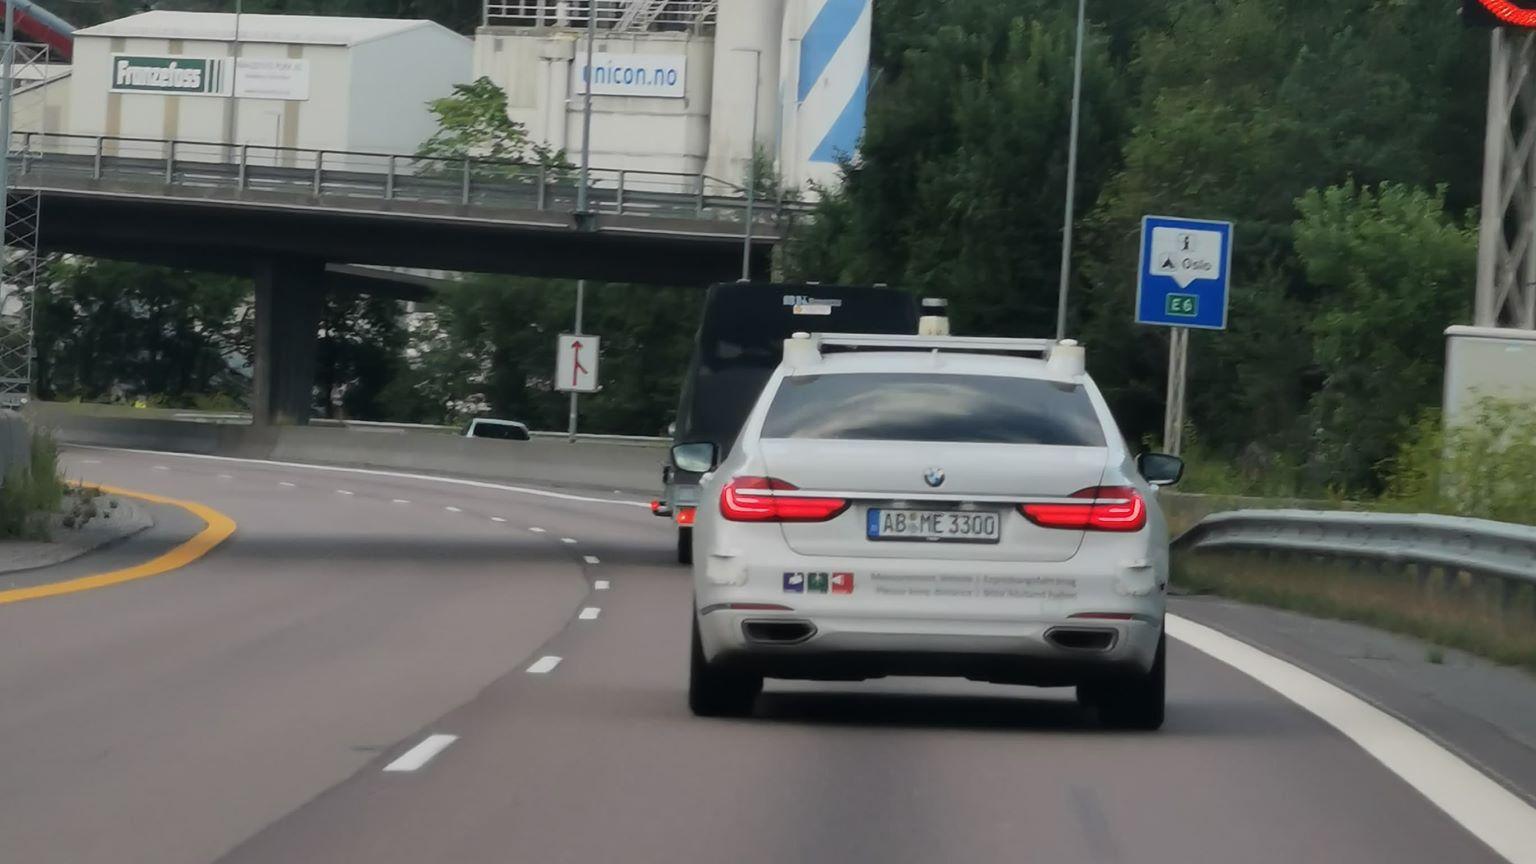 En nesten umerket BMW 7-serie proppet med sensorer har de siste dagene blitt observert på norske veier. Ifølge BMW er den én av flere selvkjørende prototyper - her til lands tester den skiltgjenkjenning.